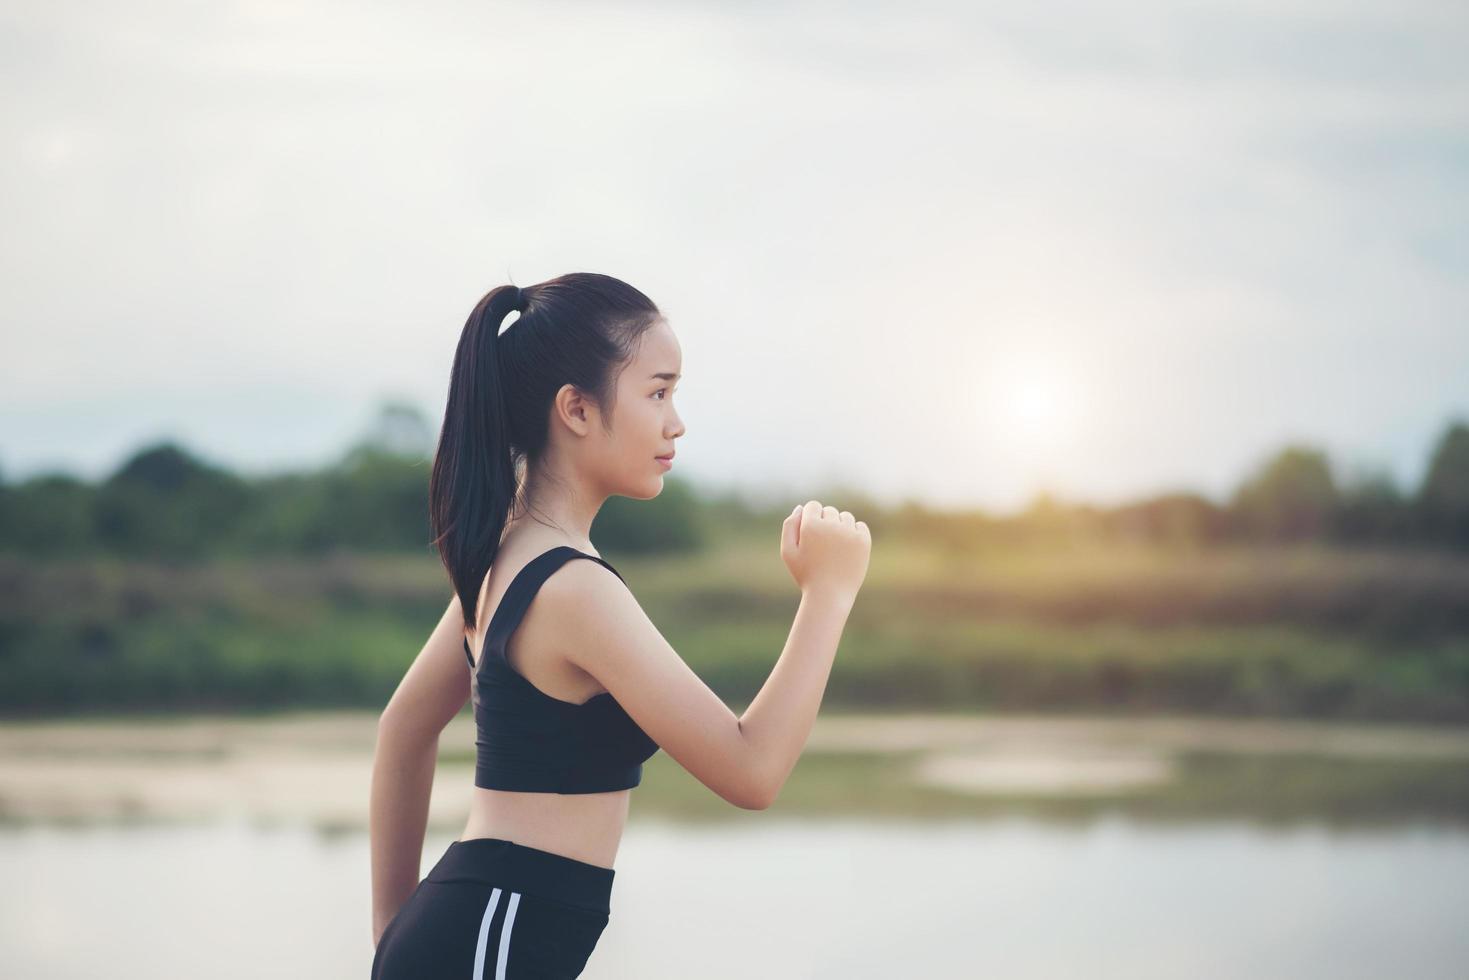 Une jeune coureuse heureuse jogging à l'extérieur photo